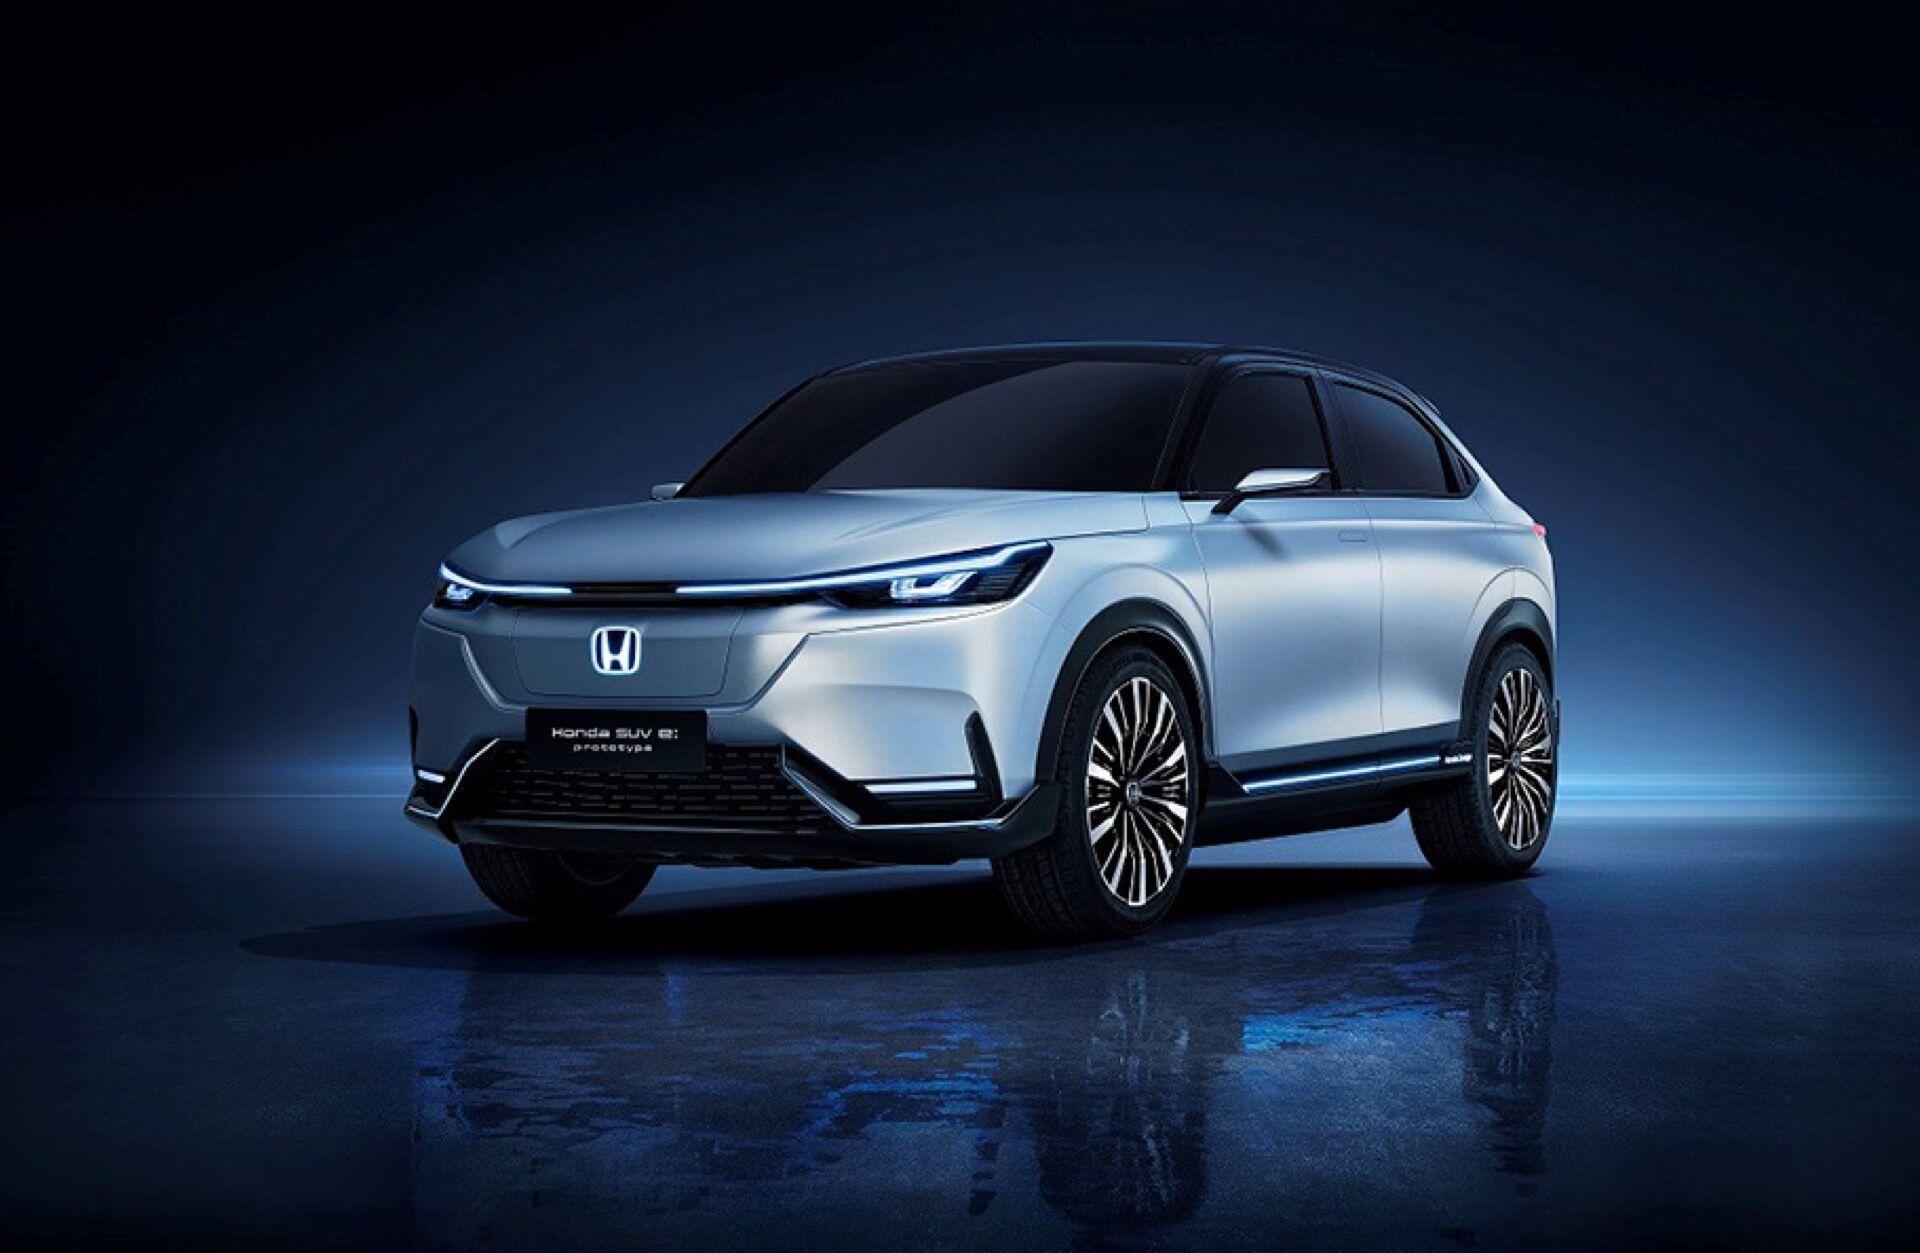 Honda анонсировала амбициозные планы в ближайшие несколько лет предложить на китайском рынке 10 новых EV